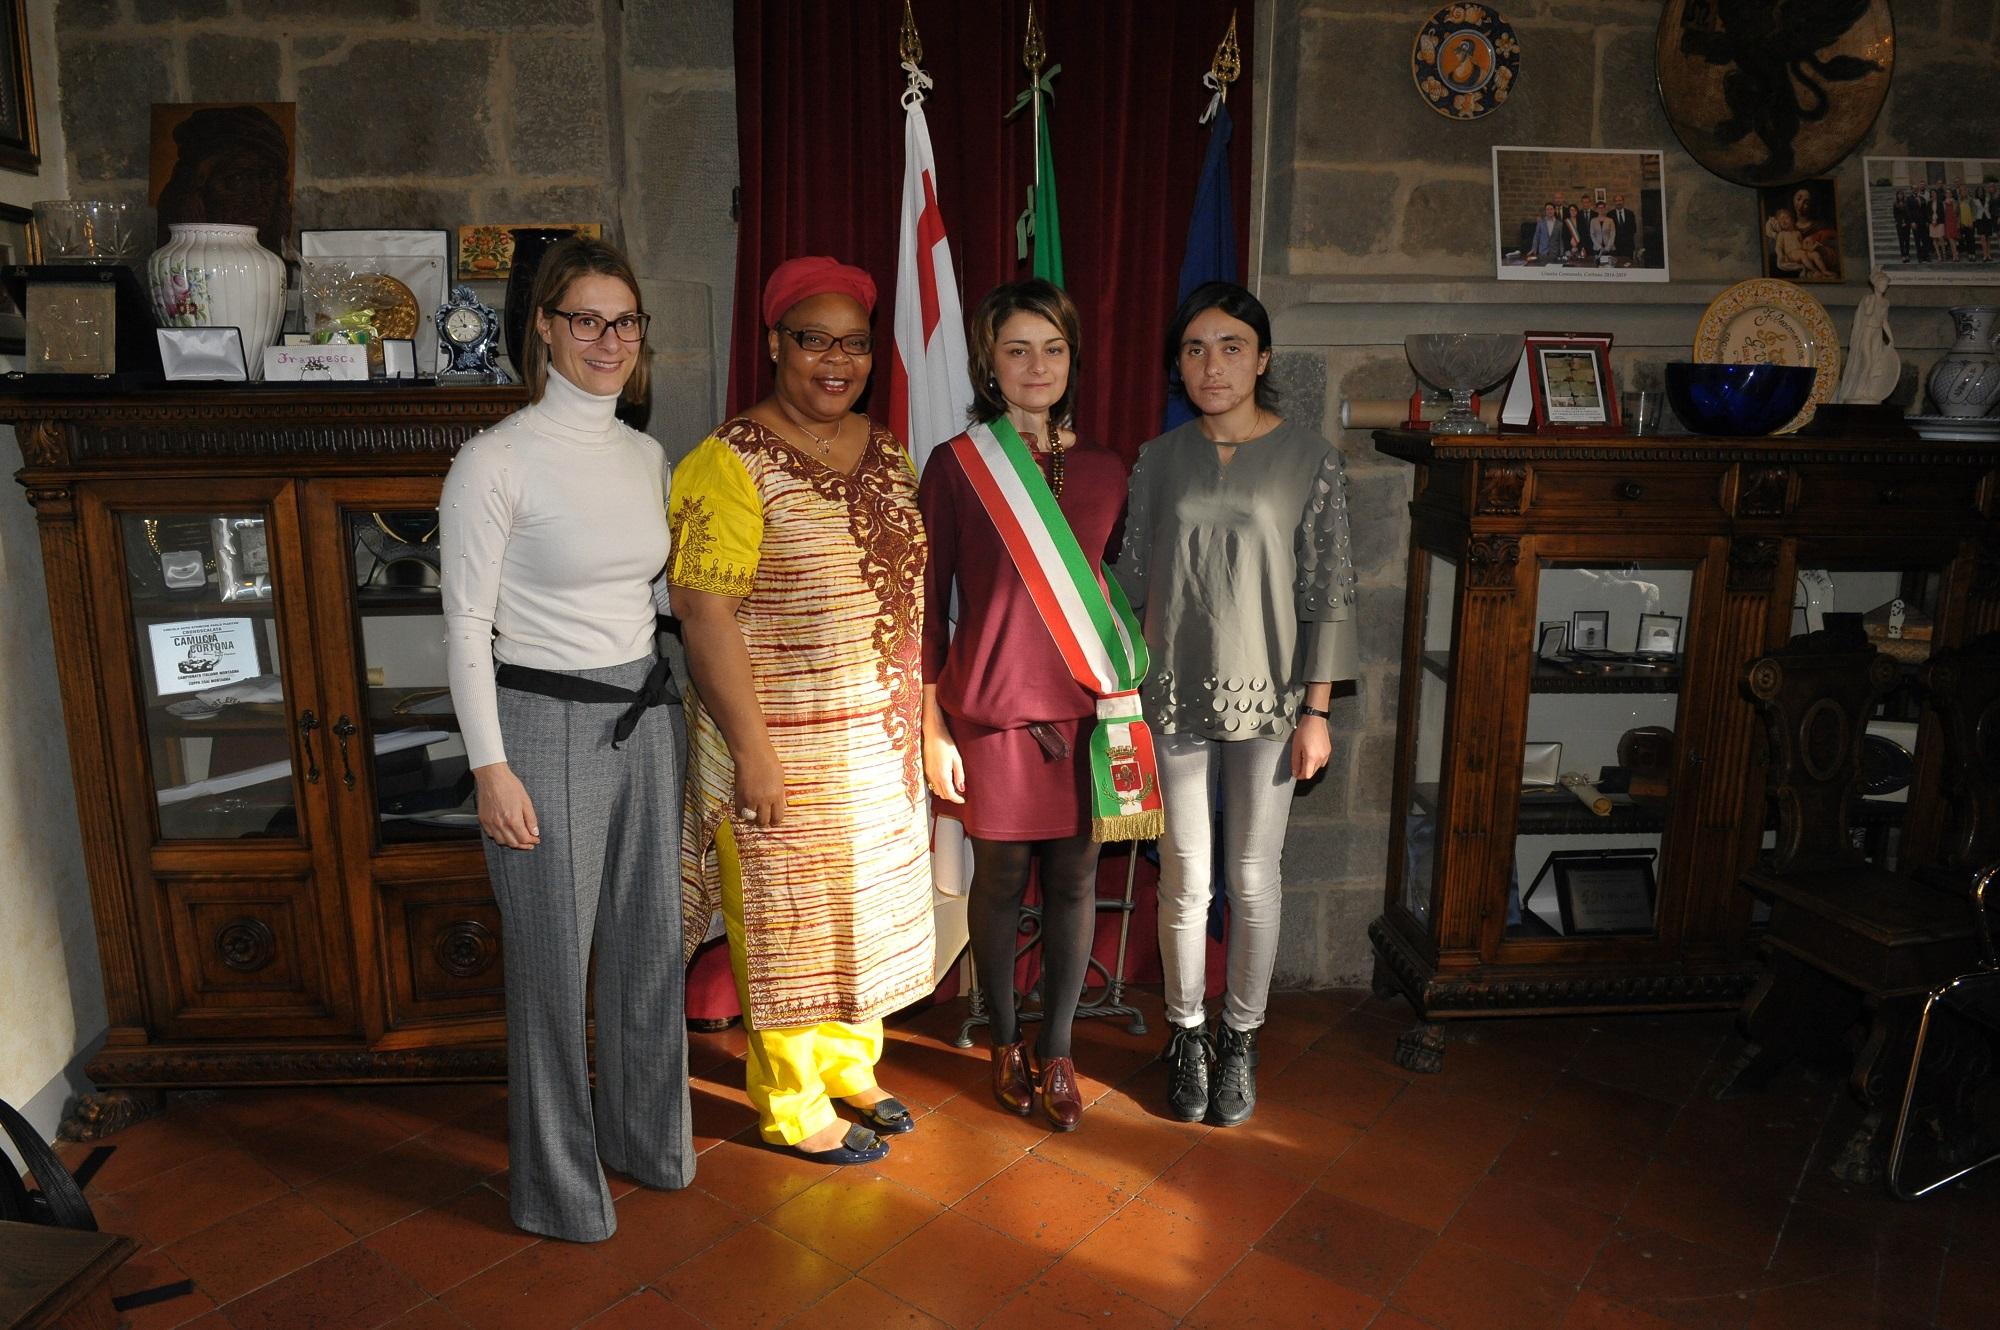 Incontro tra il Sindaco di Cortona, Leymah Gbowee Premio Nobel per la Pace 2011 e Lamya Haji Bashar Premio Sakharov per la libertà  di pensiero